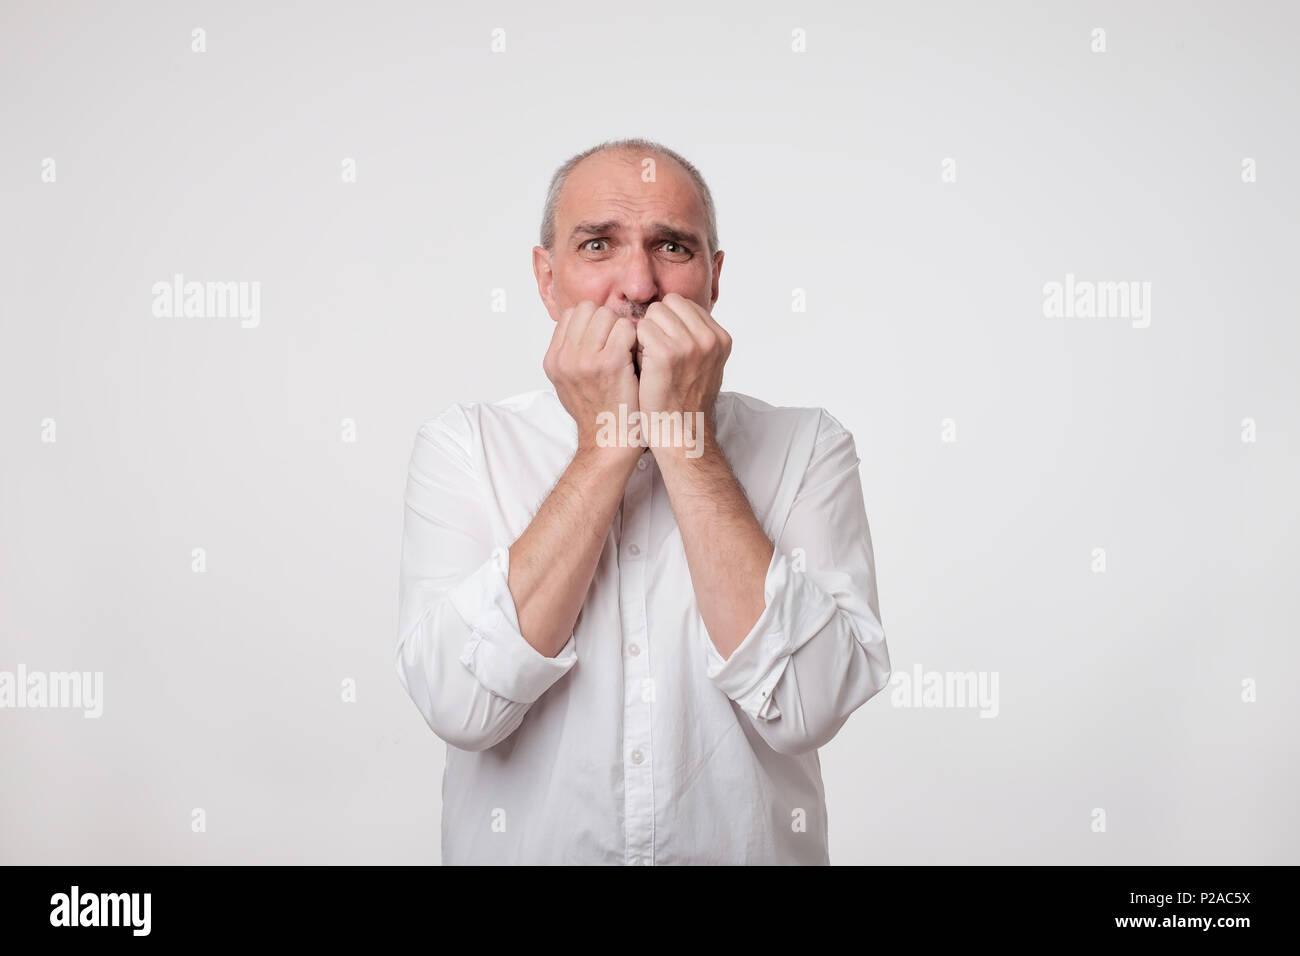 Embarrassed nervioso Hombre muerde las uñas. Empresario maduro parece preocupado antes de visitar el doctor o dentista. Ansioso director interesado miedo de difícil Imagen De Stock